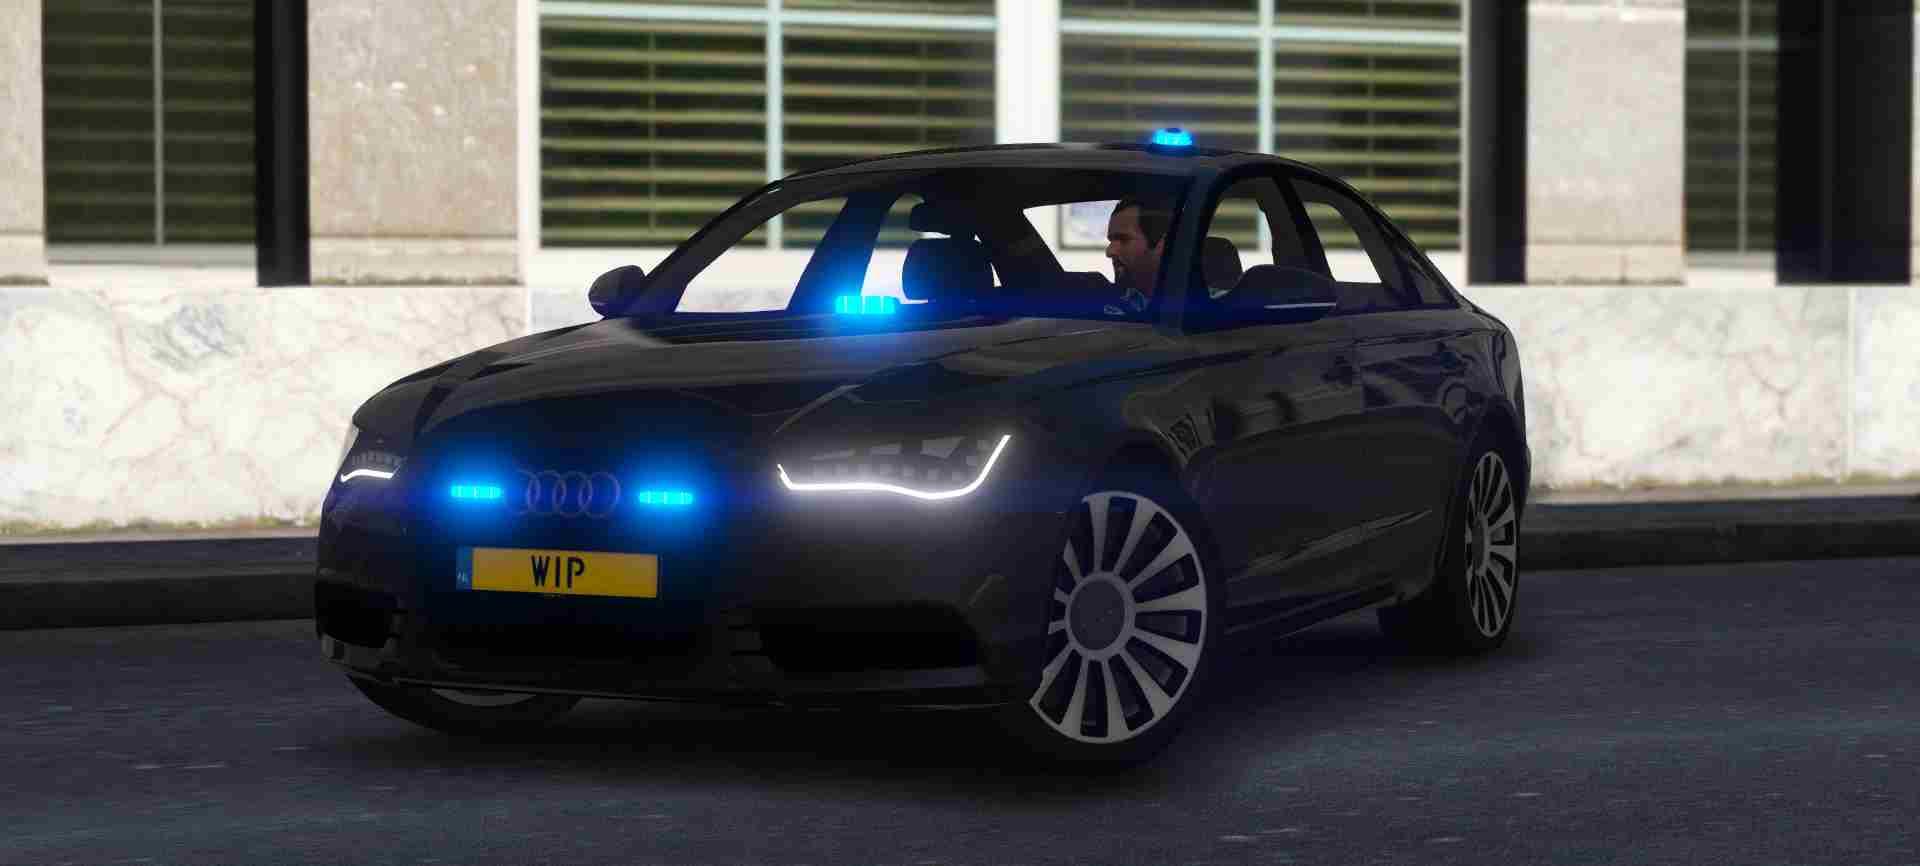 Audi A6 c7 Politie Arrestatieteam - GTA5-Mods com